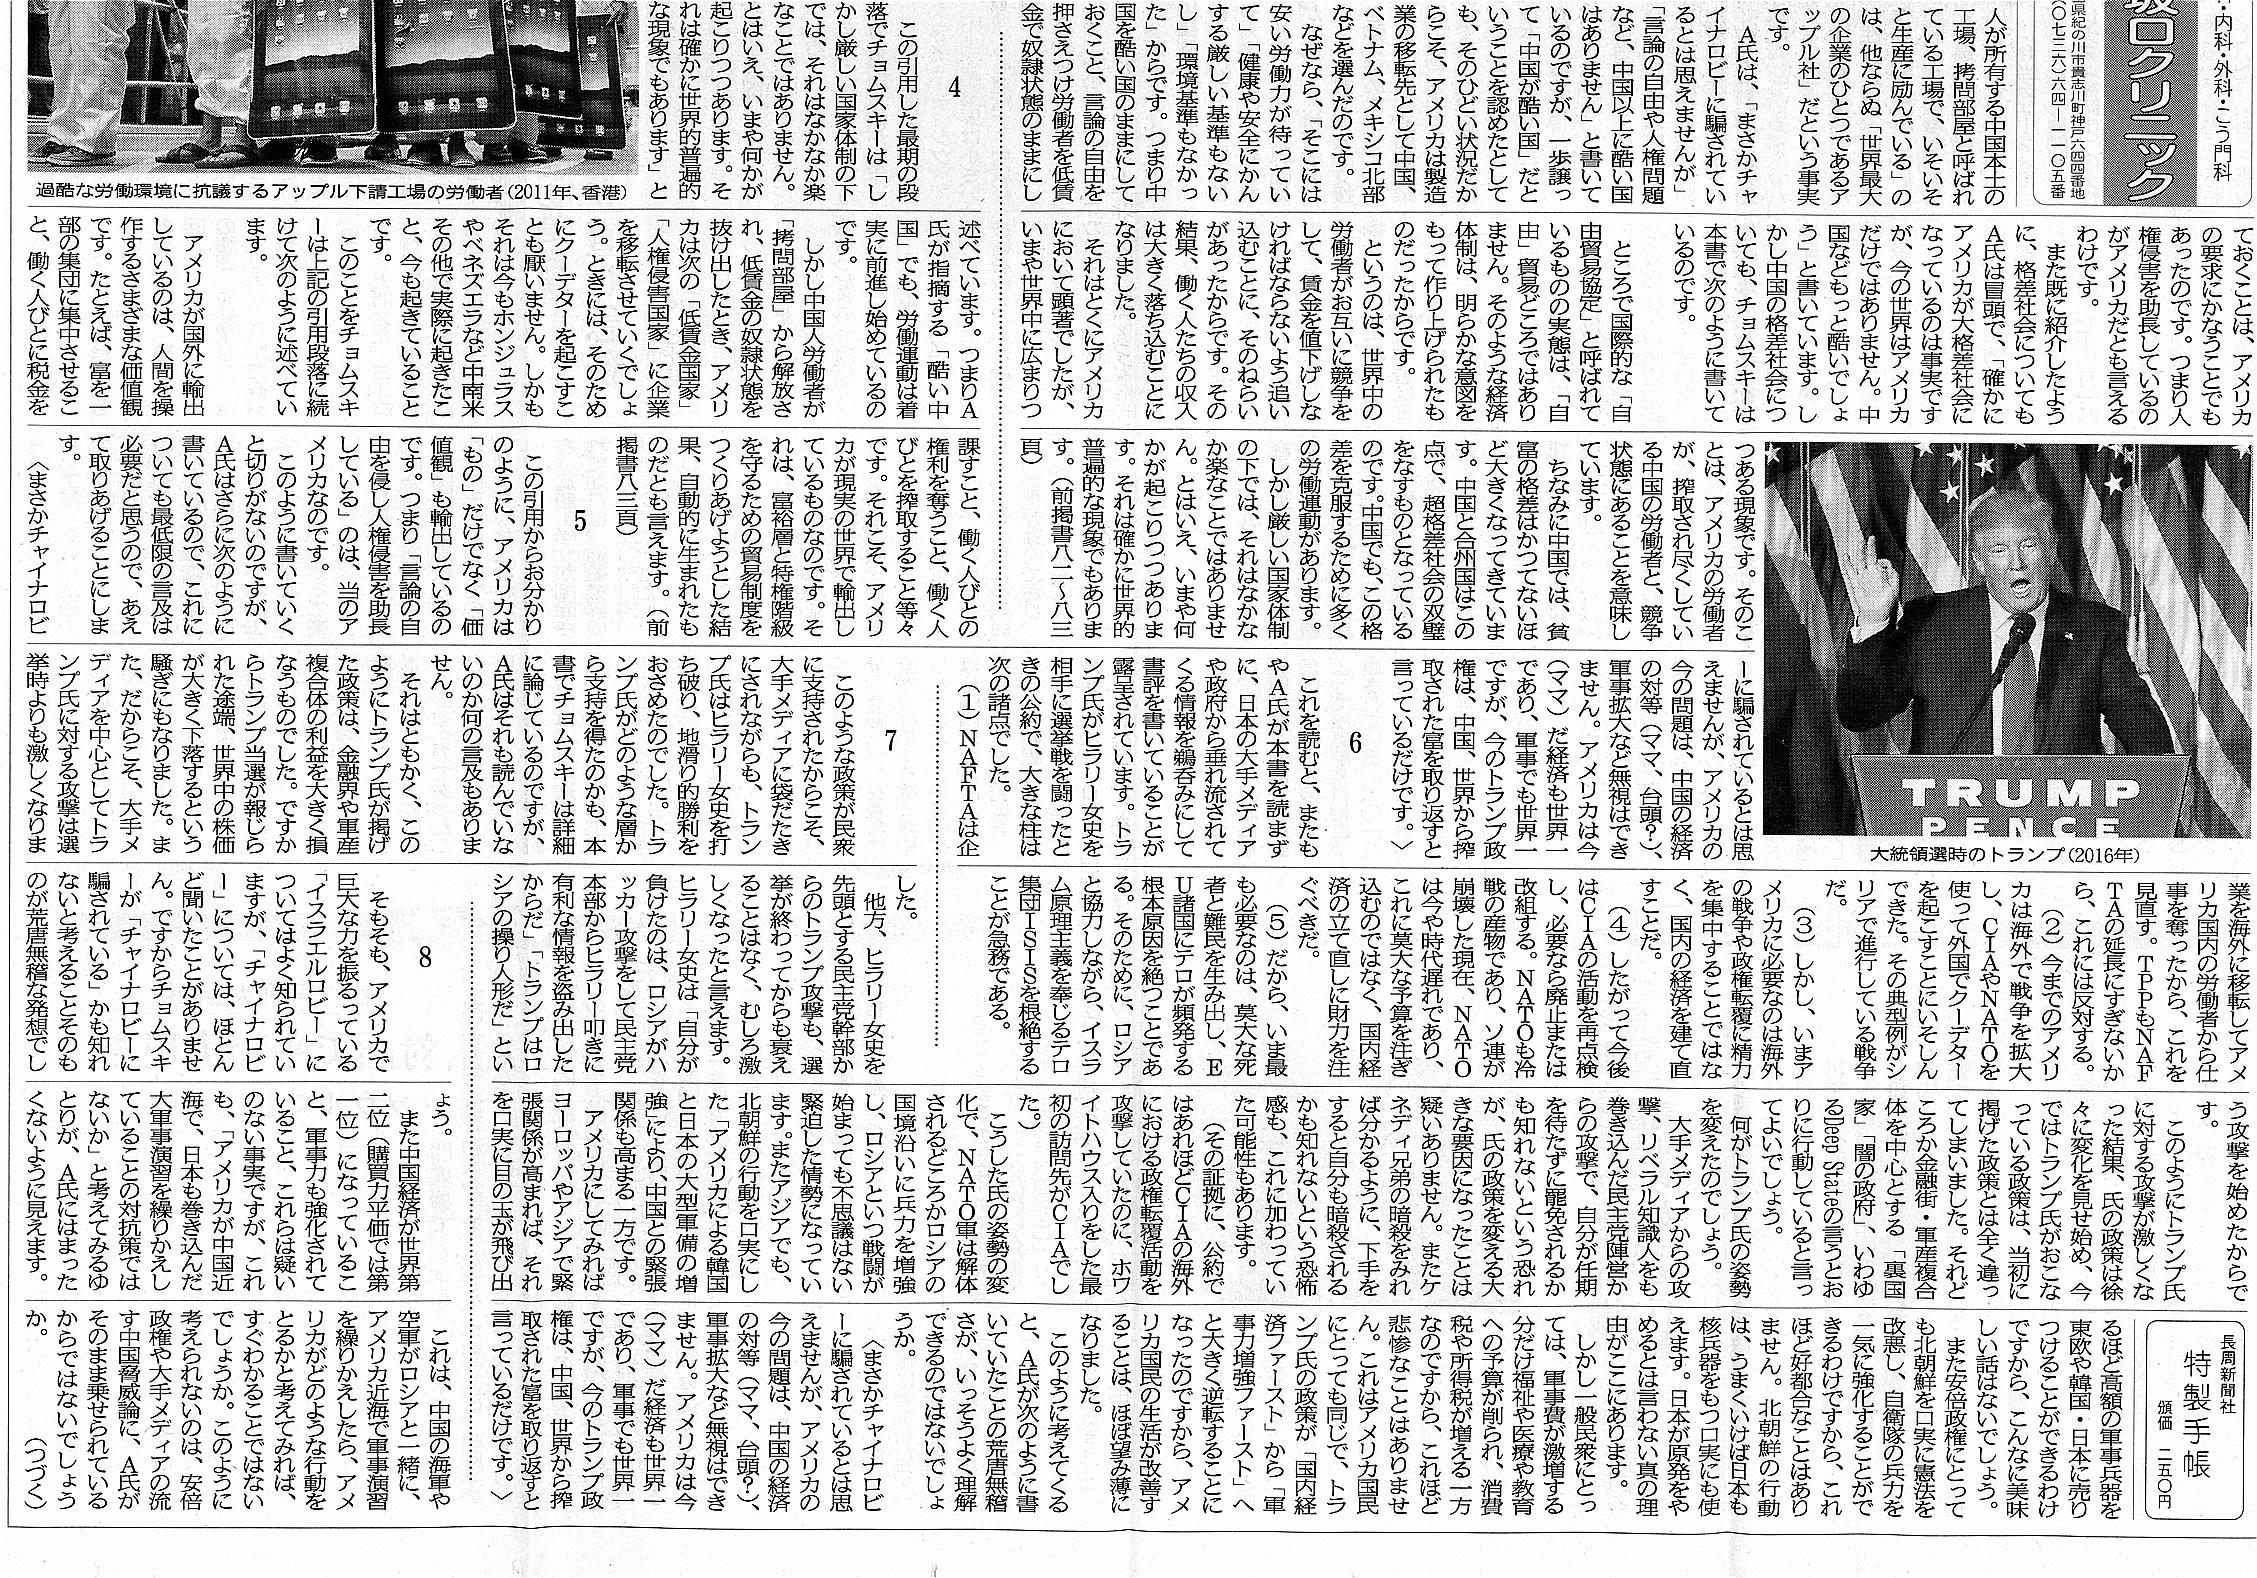 s-長周新聞20180115 「アメリカの読み方、世界の読み方」 1-2